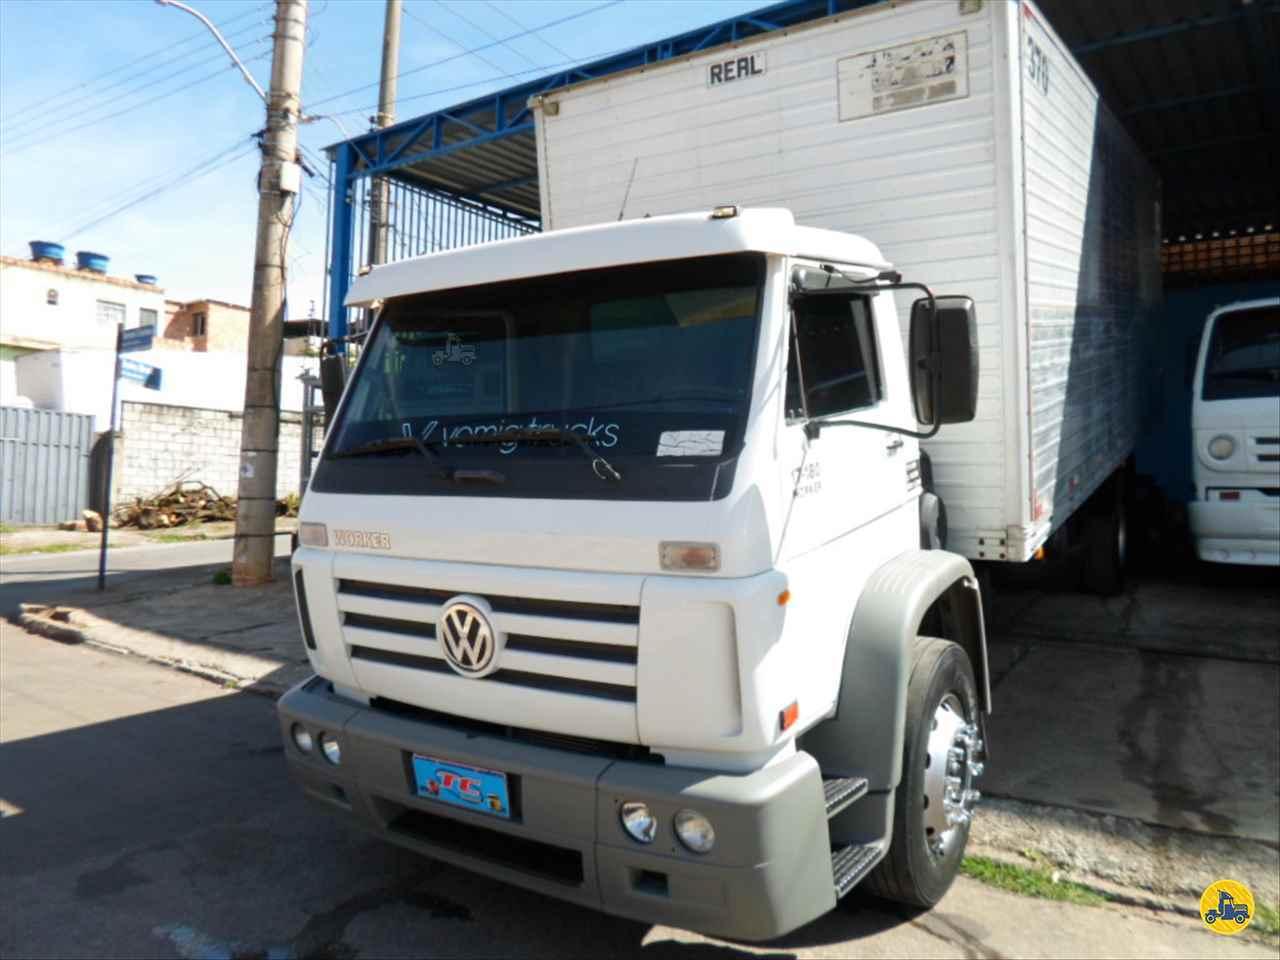 CAMINHAO VOLKSWAGEN VW 17180 Baú Furgão Toco 4x2 TC Caminhões  BELO HORIZONTE MINAS GERAIS MG